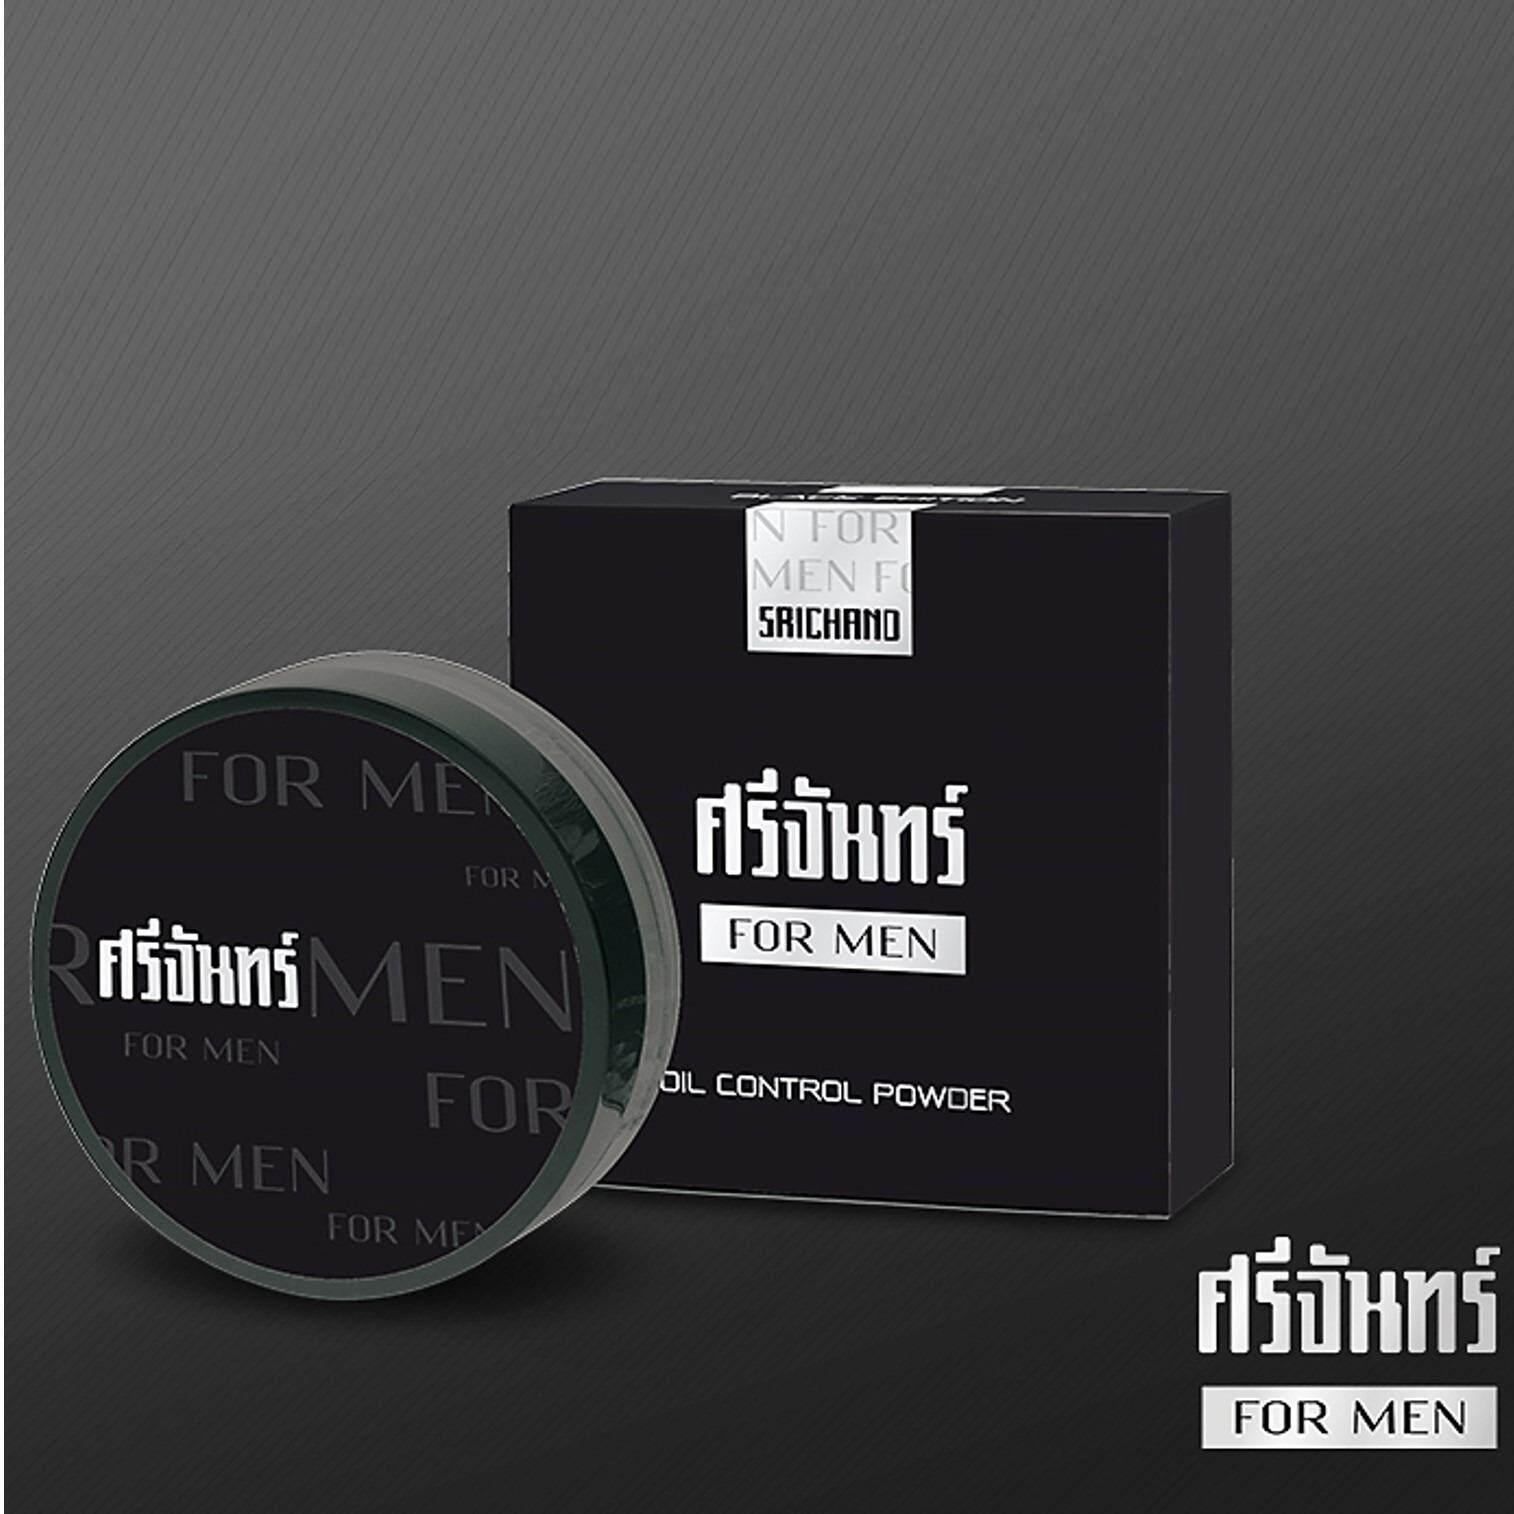 ซื้อ Srichand For Men Black Edition Oil Control Powder 11G ศรีจันทร์ฟอร์เม็นแป้งควบคุมความมันสำหรับผิวหน้าผู้ชายปรับหน้ากระจ่างใสตลอดวัน ออนไลน์